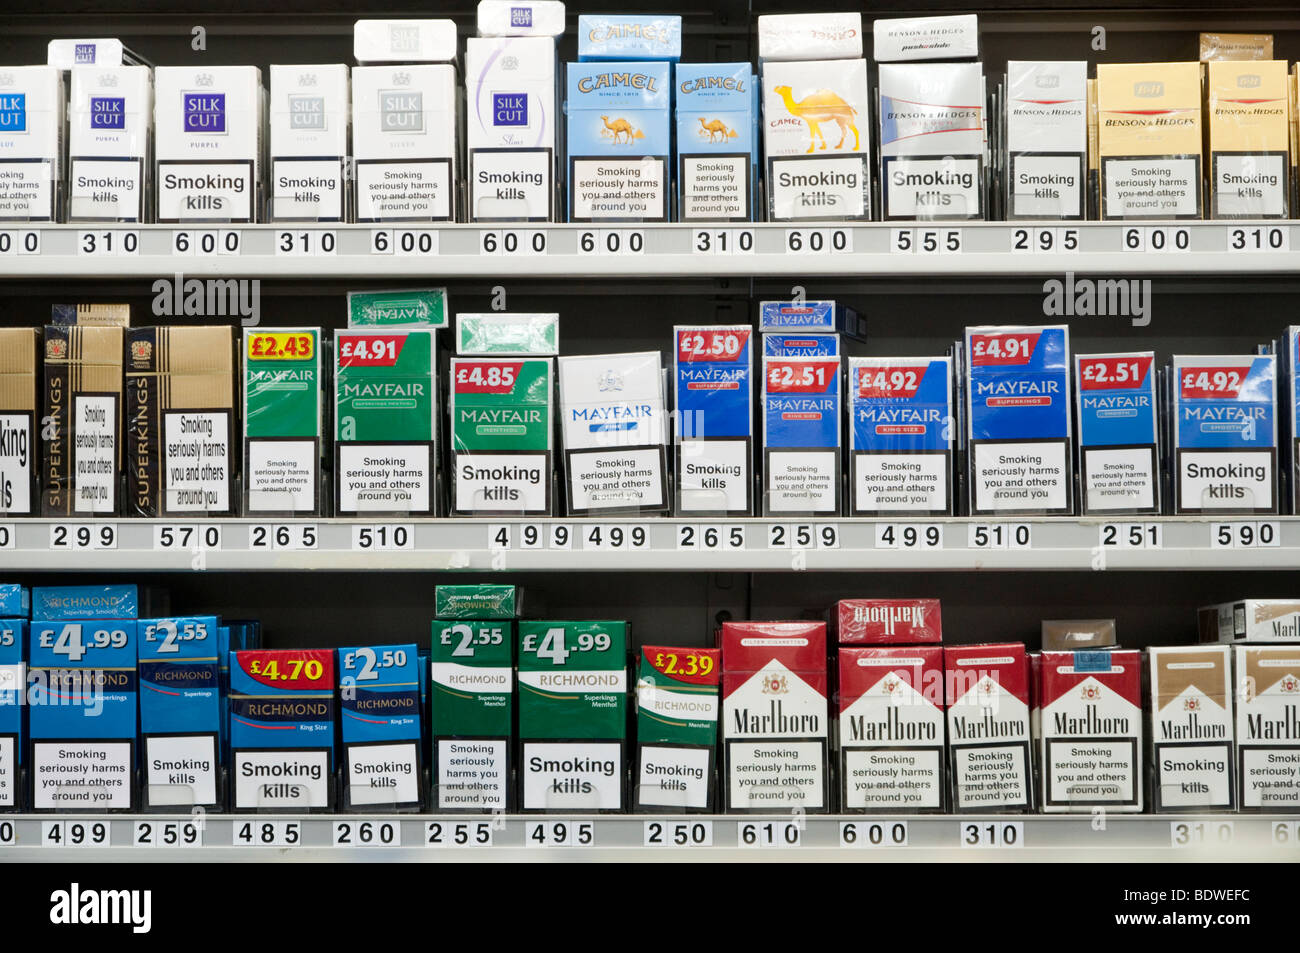 Buy online cigarettes Viceroy Alabama